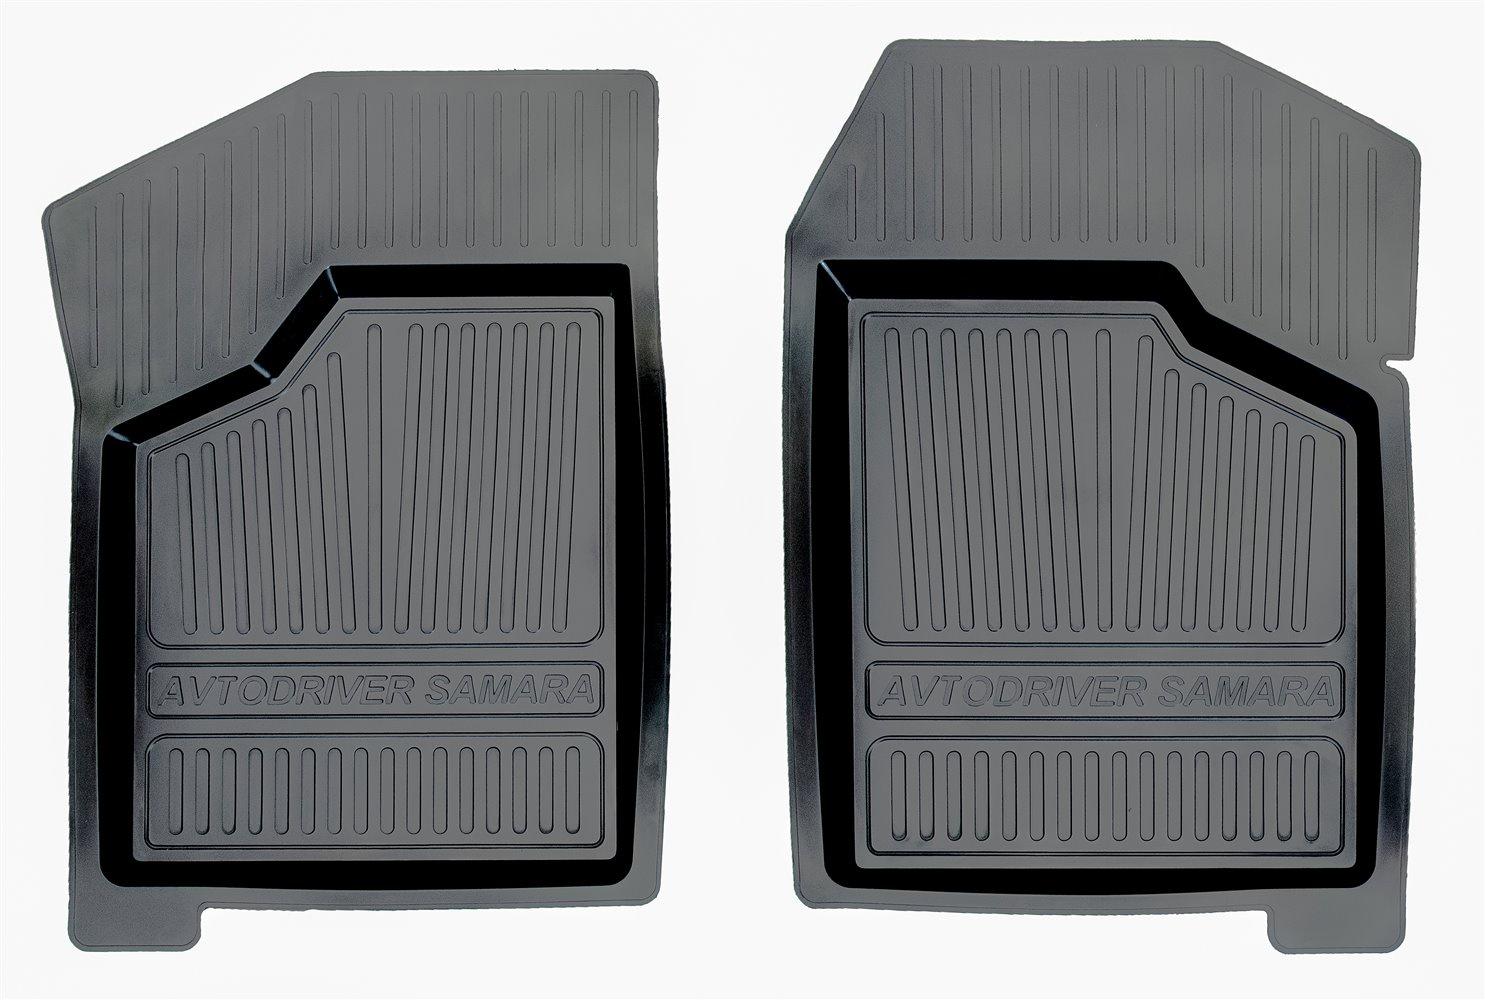 цена на Коврики в салон автомобиля Avtodriver, для ВАЗ 2108, 09, 14, 15, 1984-, 2 передних, ADRJET008-2, резиновые, с бортиком, черный